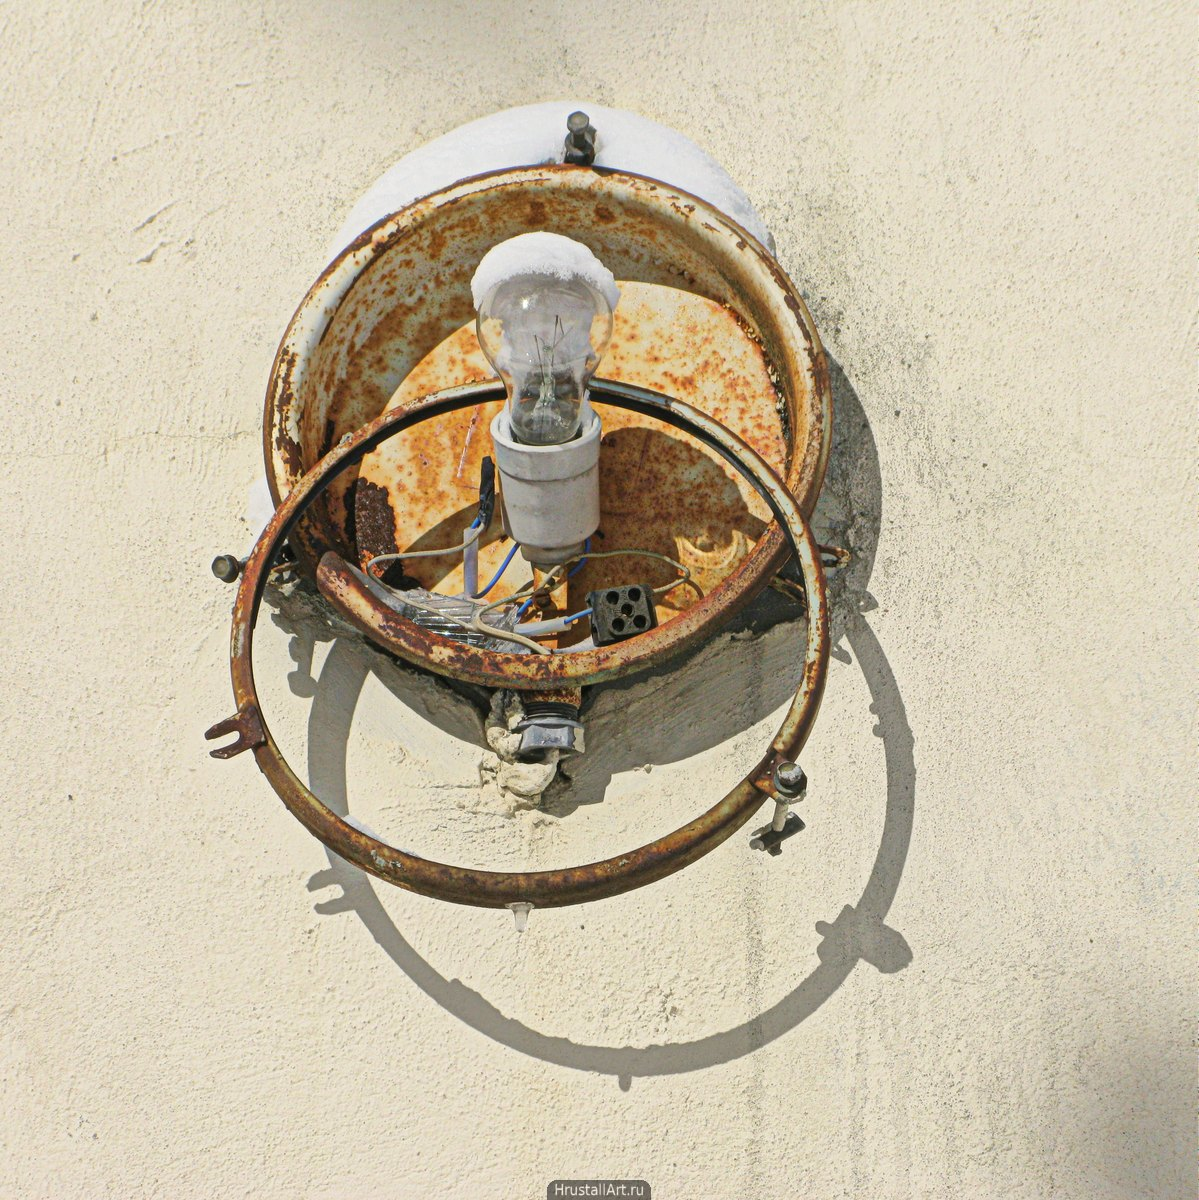 Отжившая лампа уличного освещения.